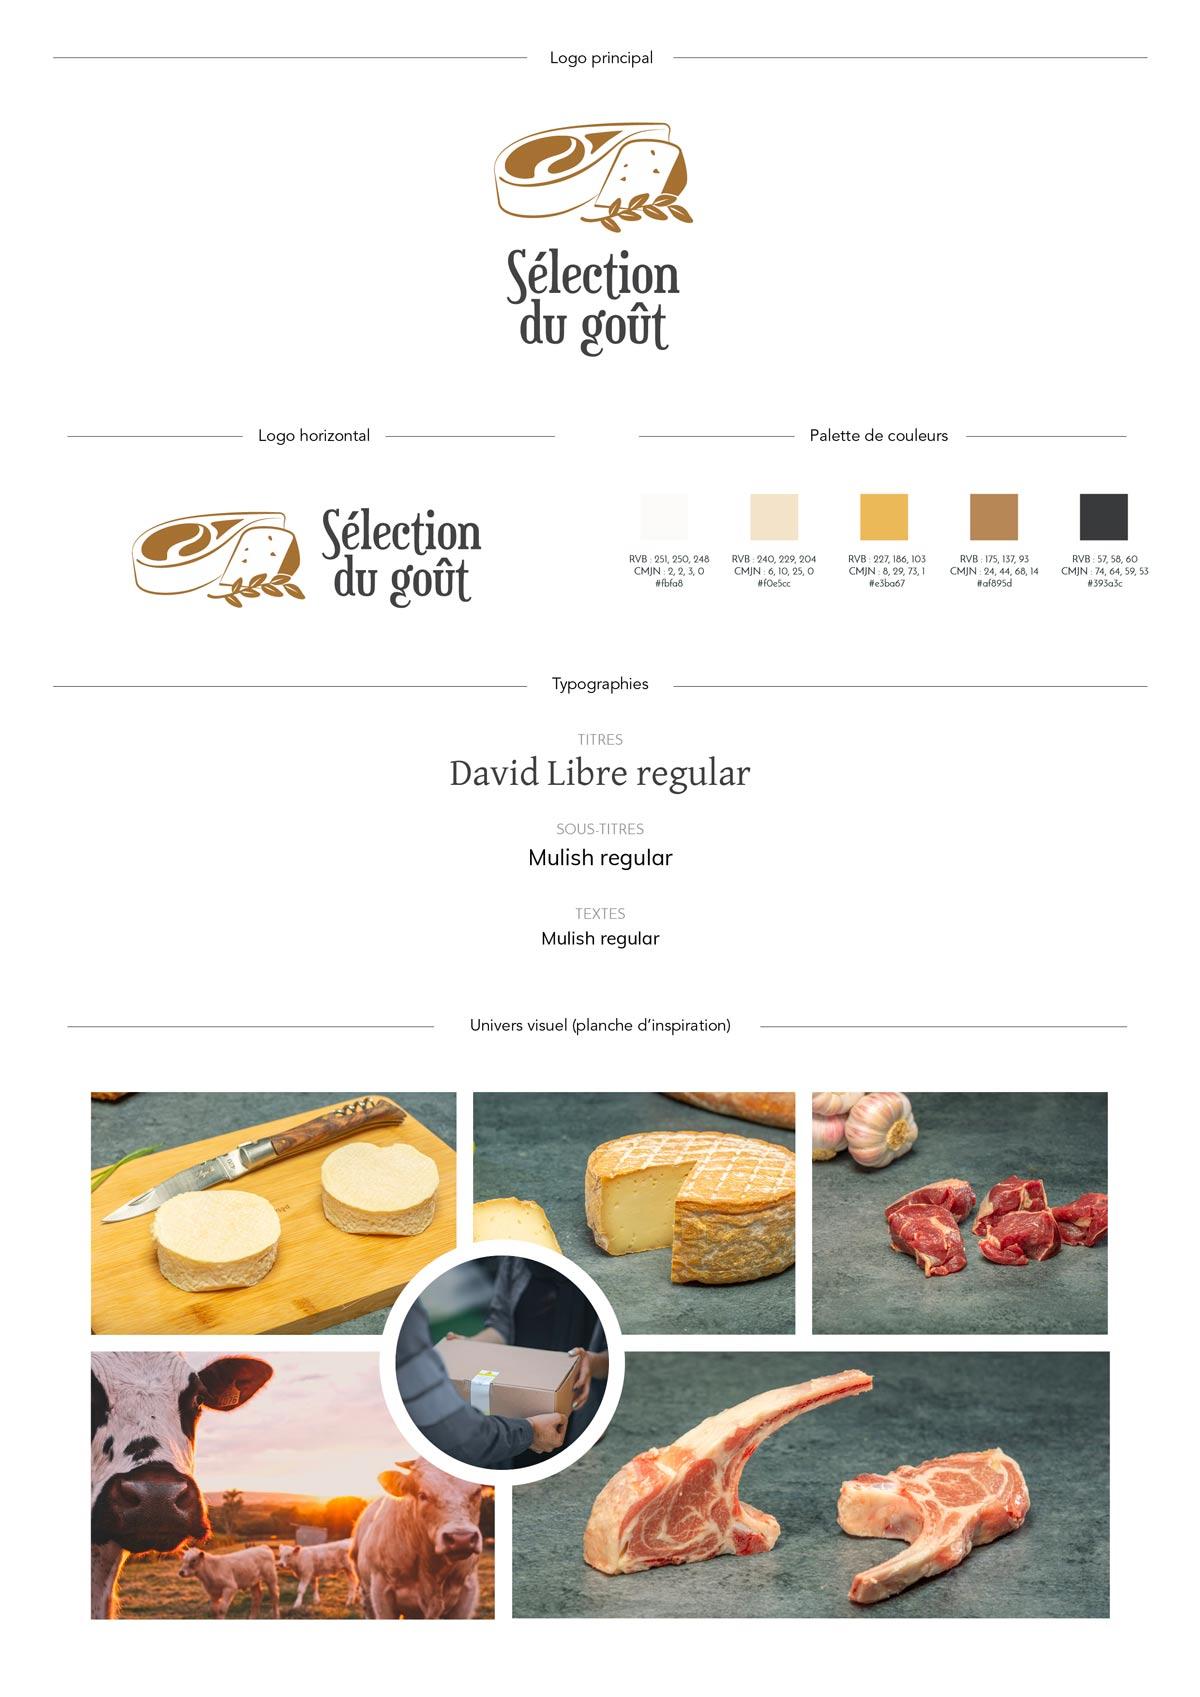 Charte graphique de l'entreprise Sélection du goût, avec sa palette de couleurs conviviale et lumineuse